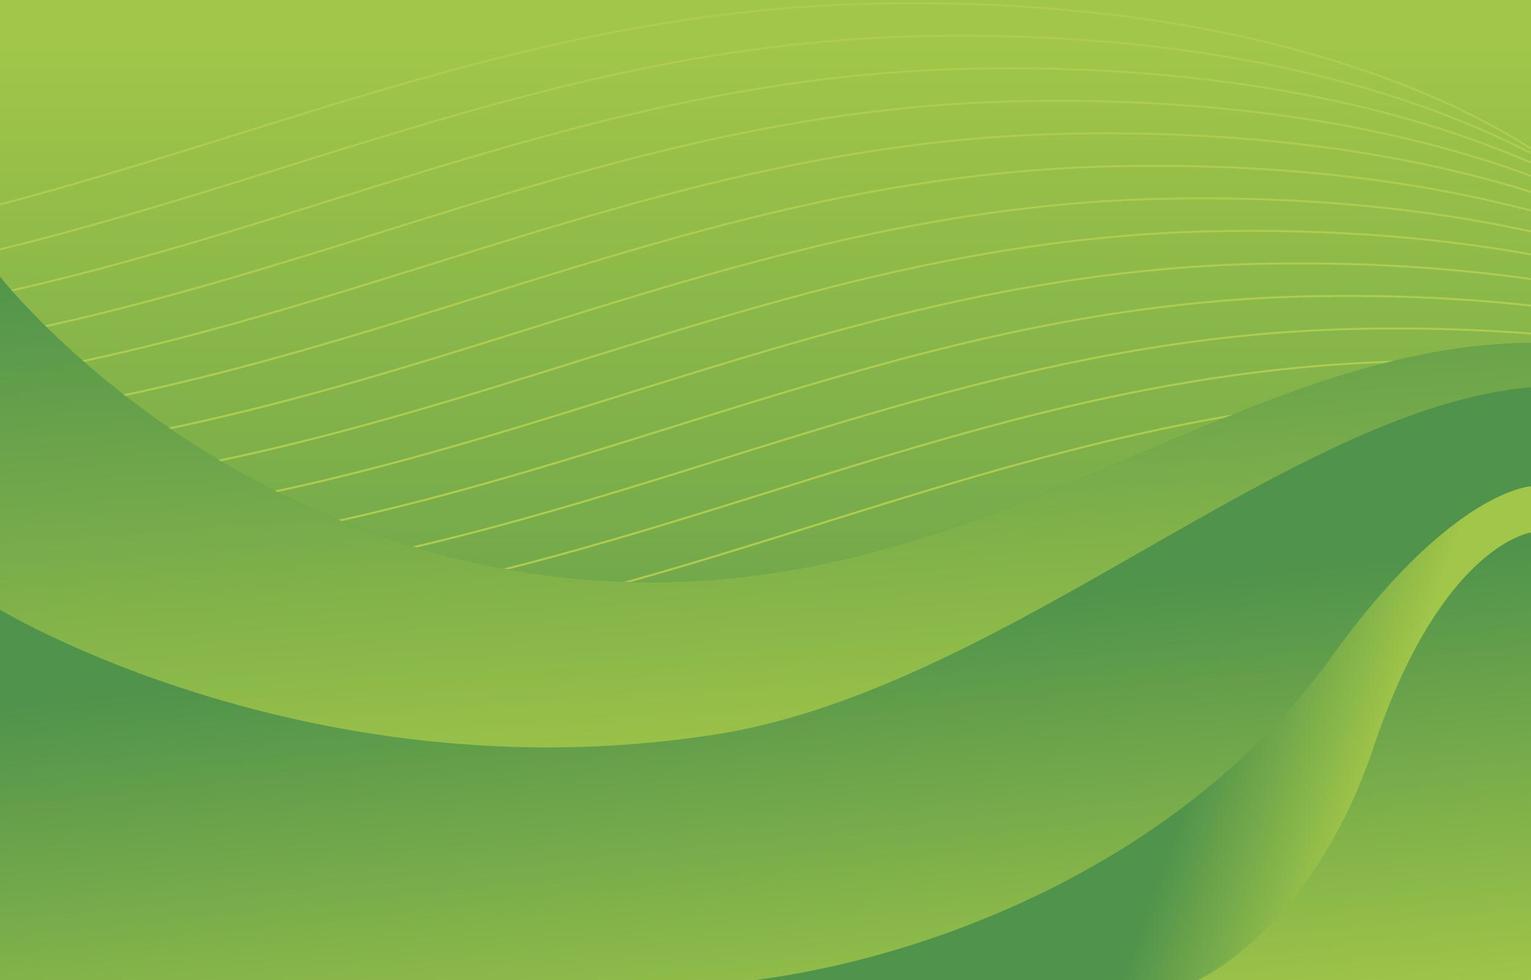 groene abstracte golfachtergrond vector